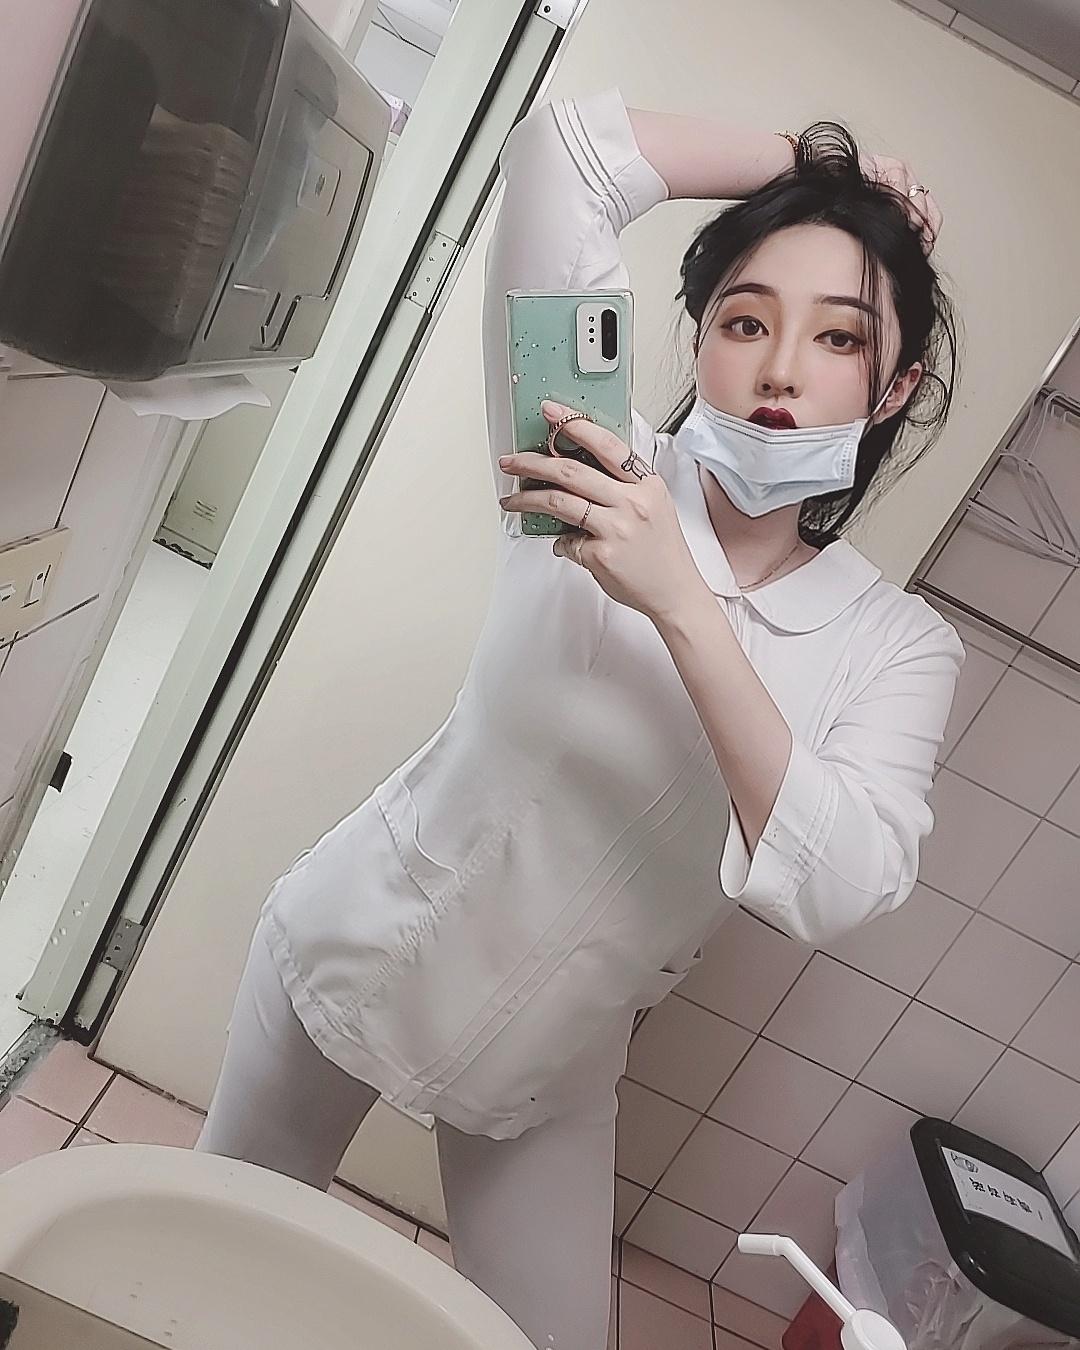 正妹护理师黄静把杰尼龟穿上身_小心我喷水喔粉丝直呼 养眼图片 第2张